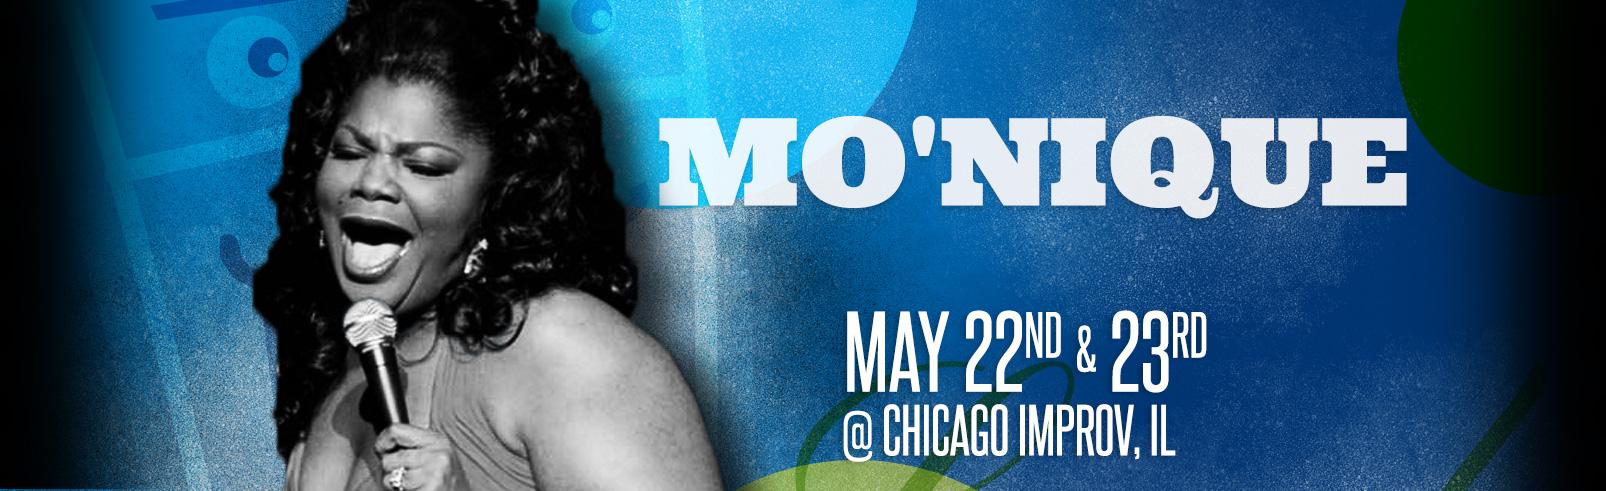 Mo'Nique @ Chicago Improv